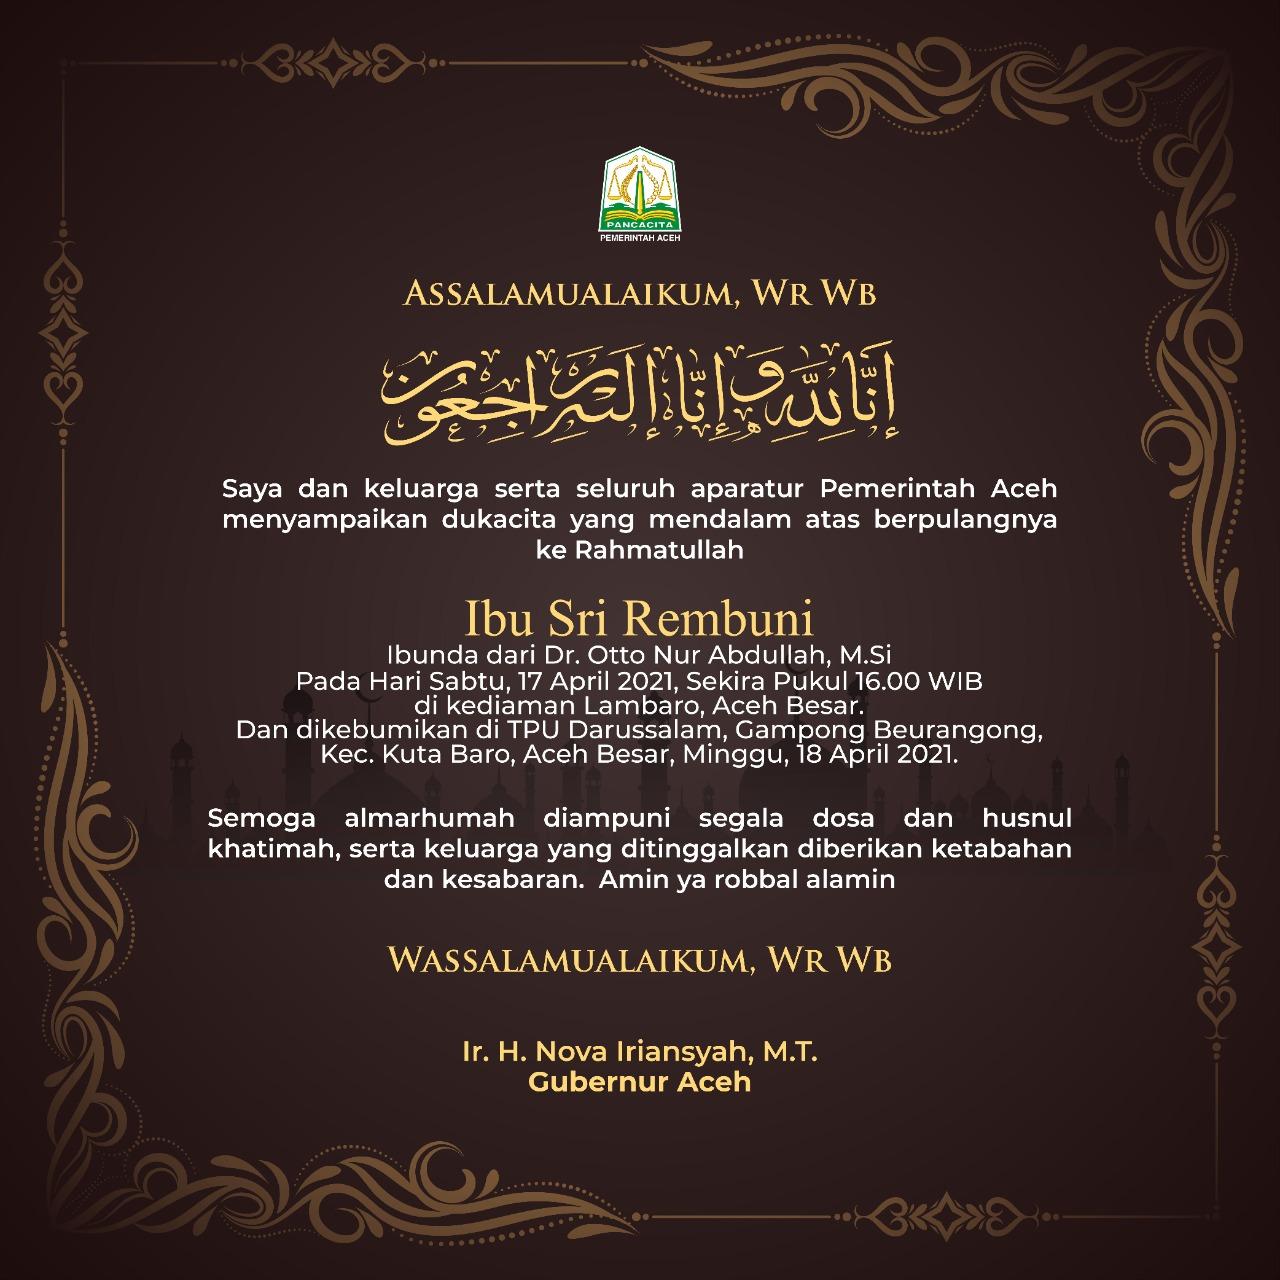 Ibu Sri Rembuni Ibunda Dr Otto Nur Abdullah M.Si